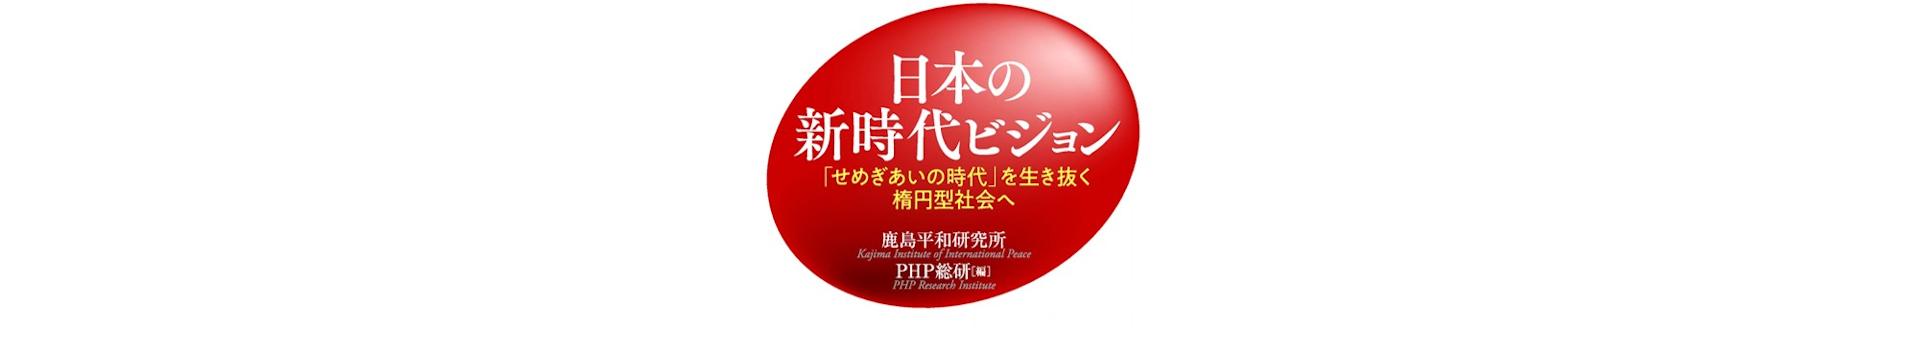 日本の新時代ビジョン